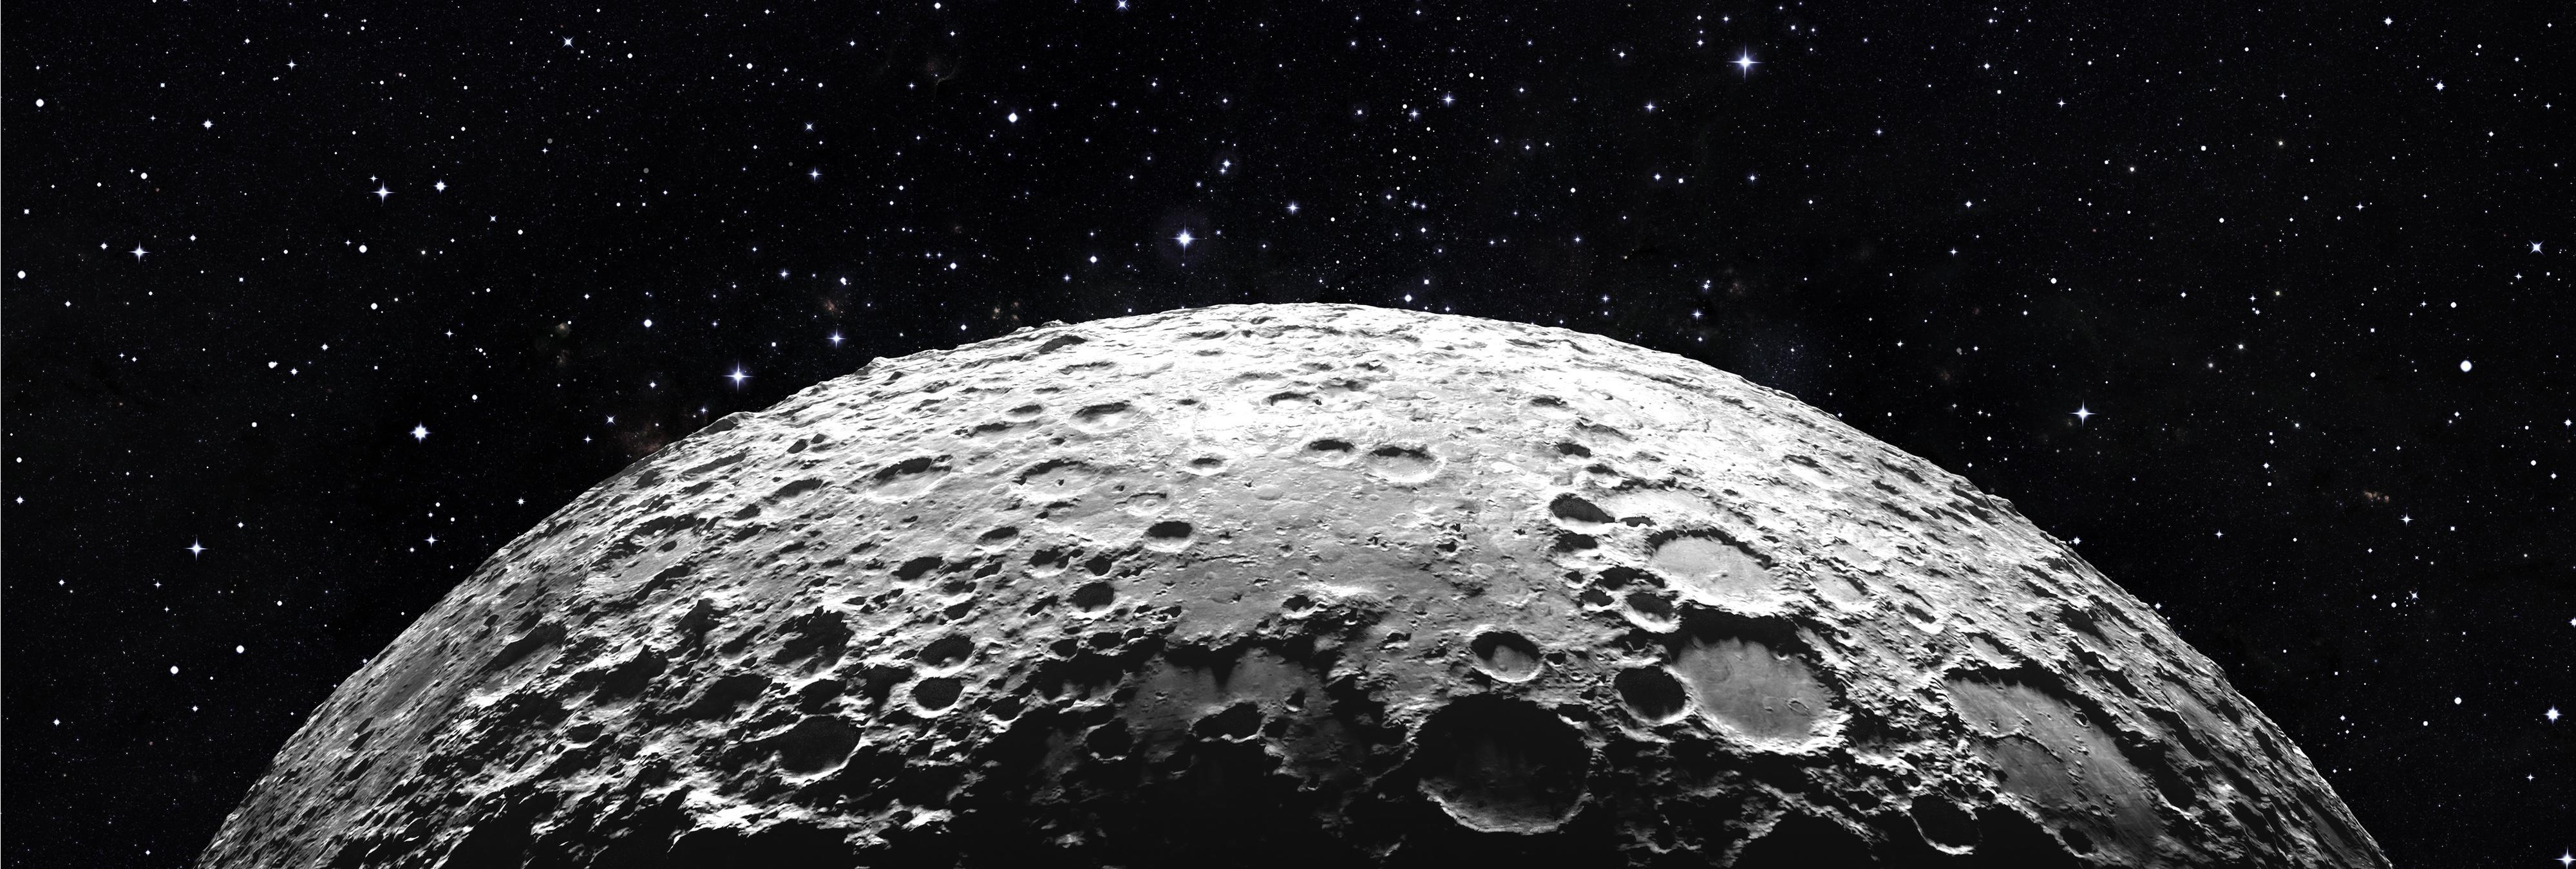 una teor a asegura que la luna y plut n son planetas los